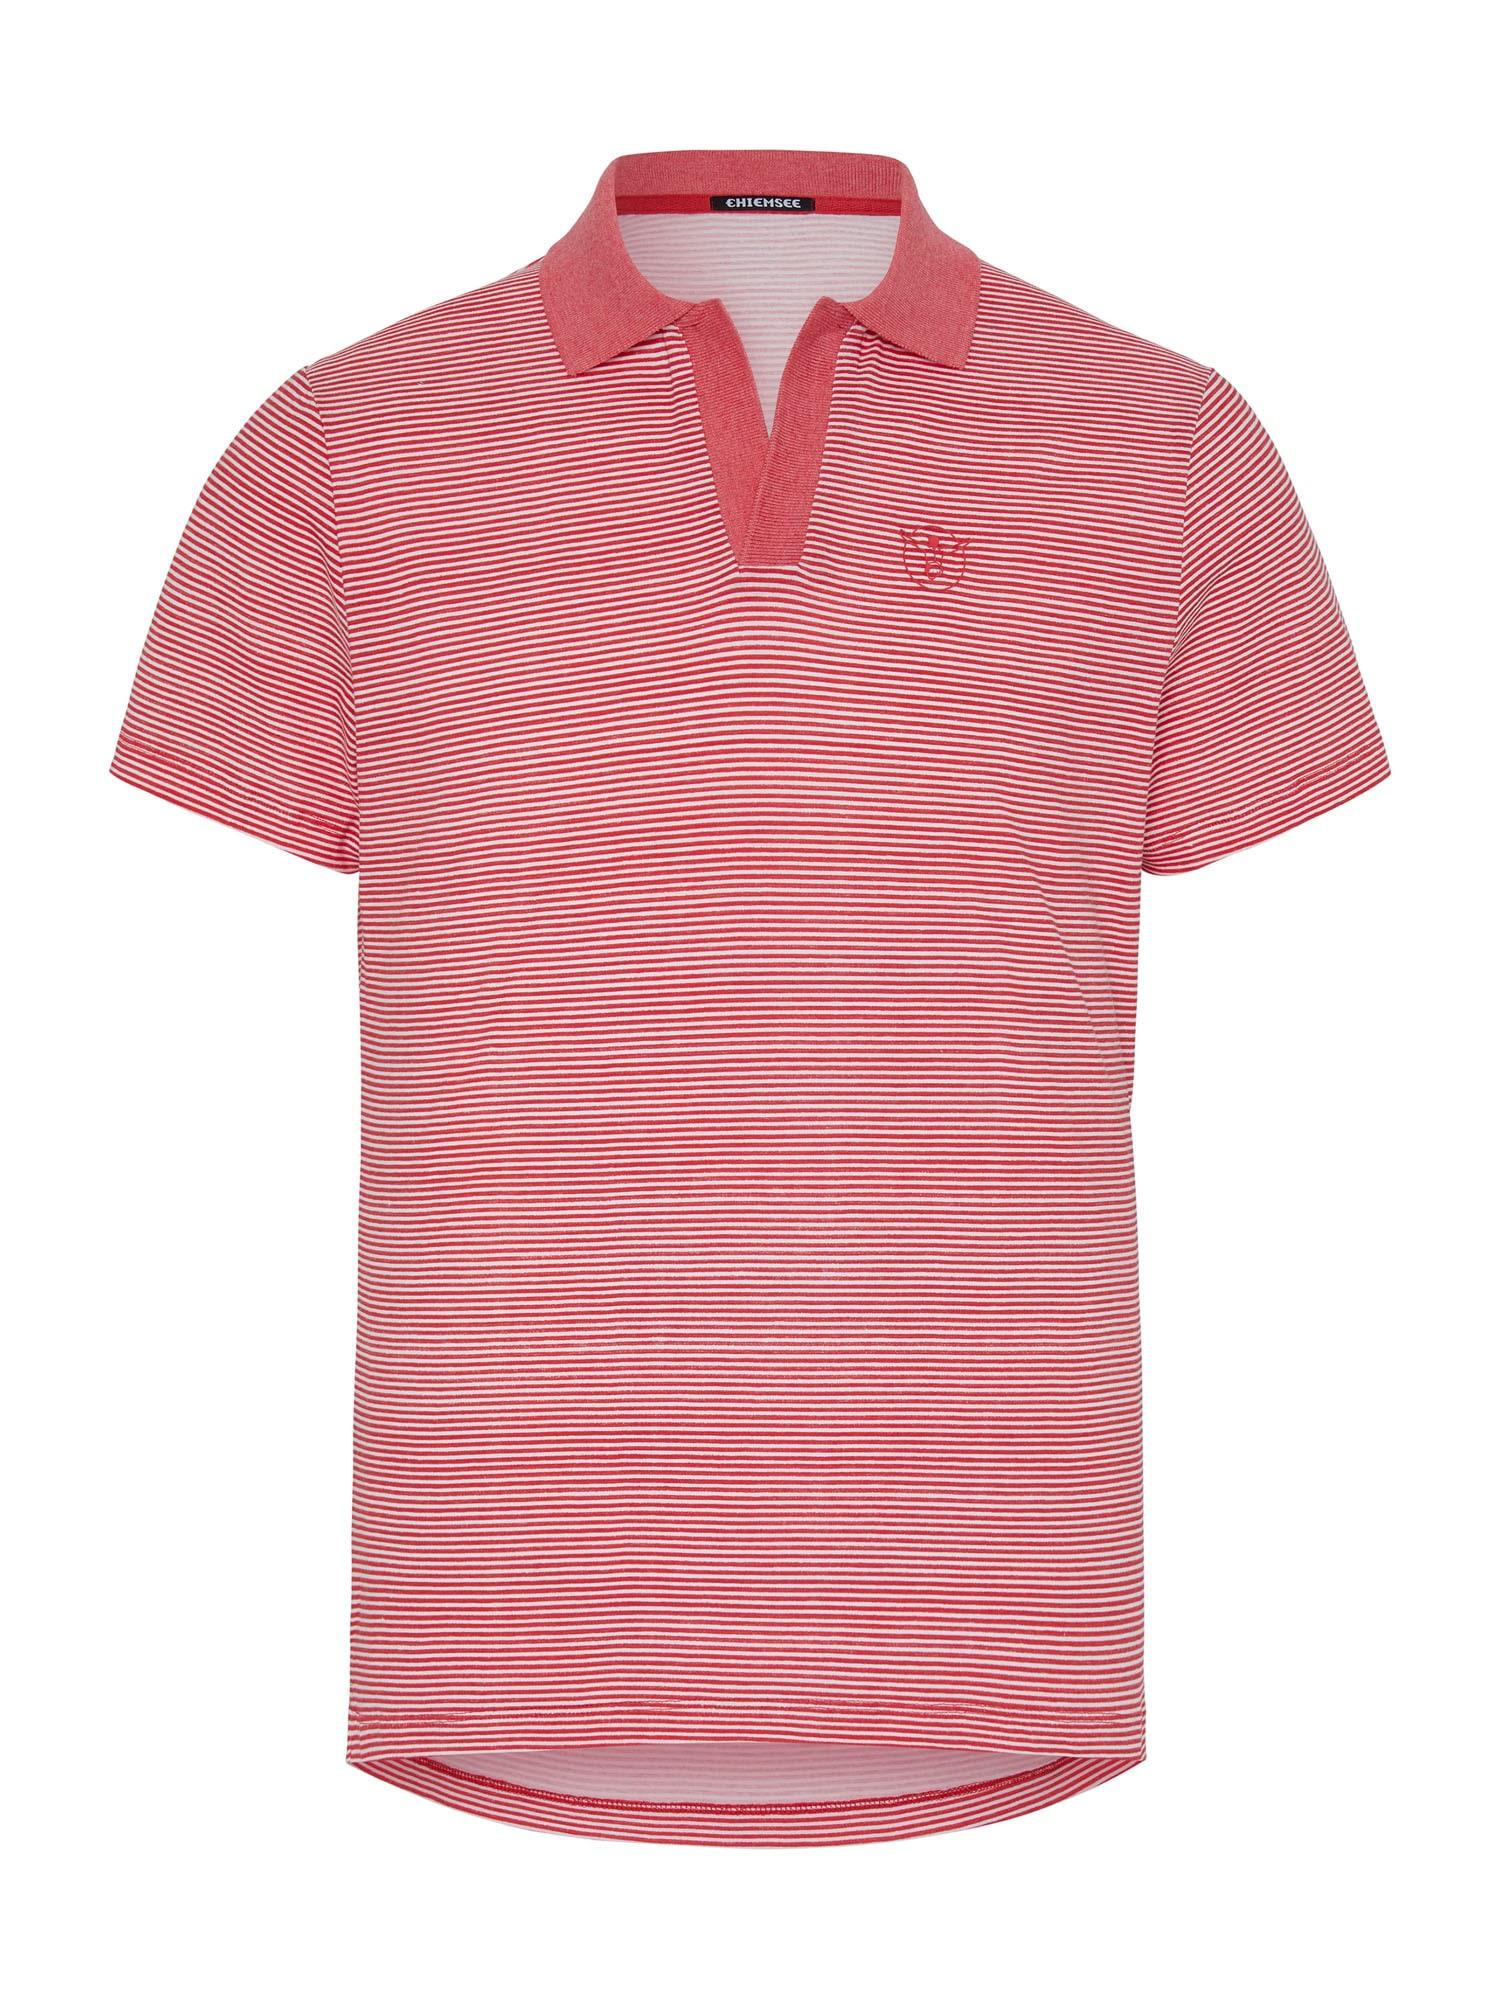 CHIEMSEE Sportiniai marškinėliai balta / raudona